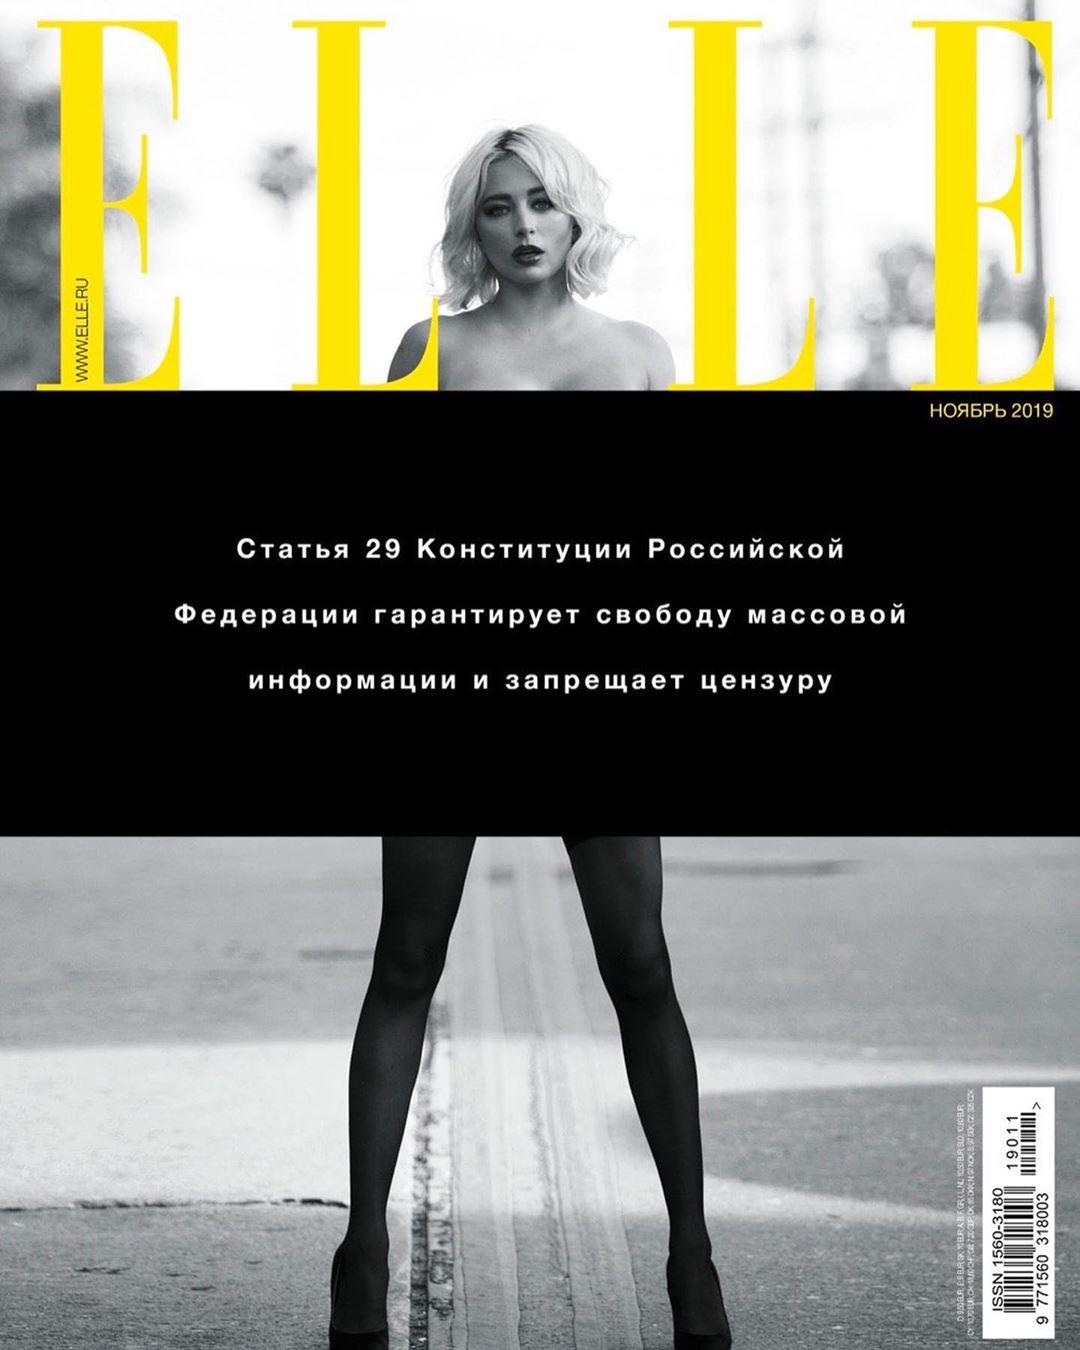 Свобода или провокация: русский ELLE представил самую смелую обложку